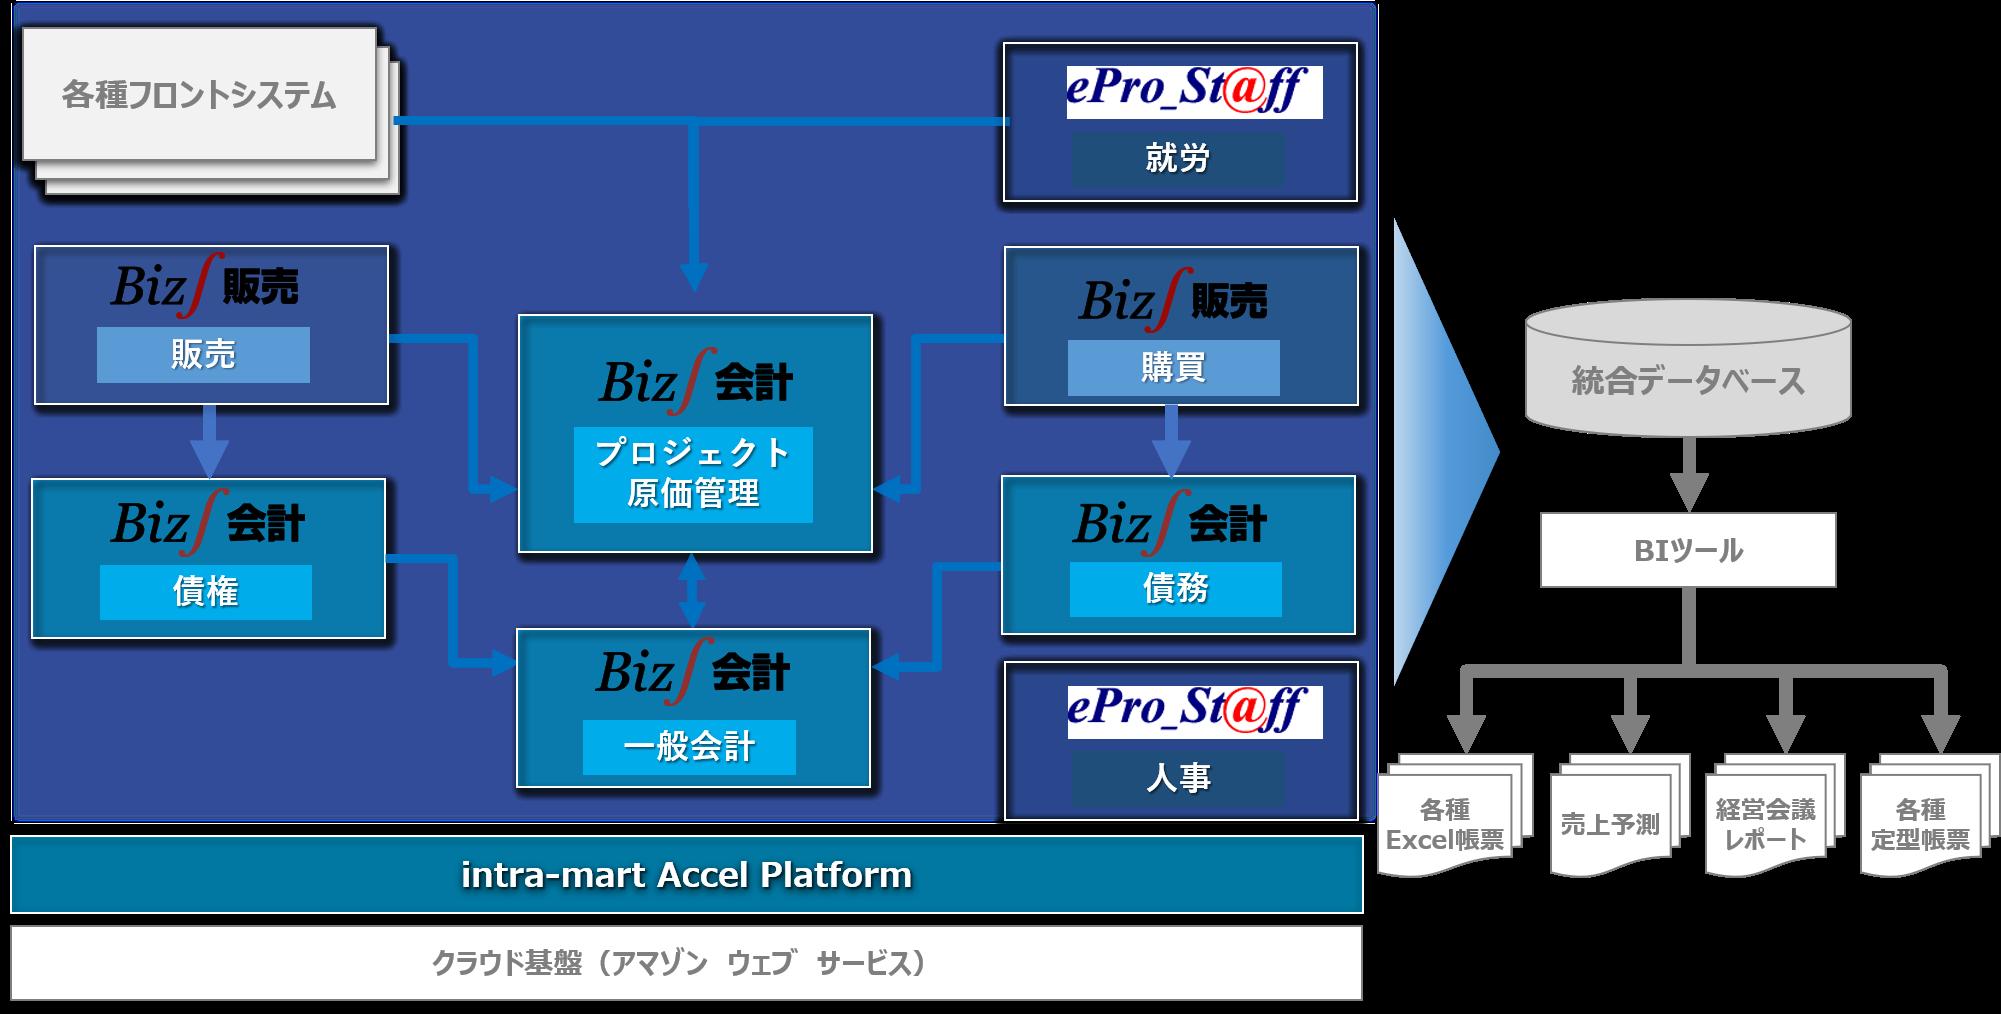 総合建設業のERP(基幹システム)構成図(乃村工藝社)